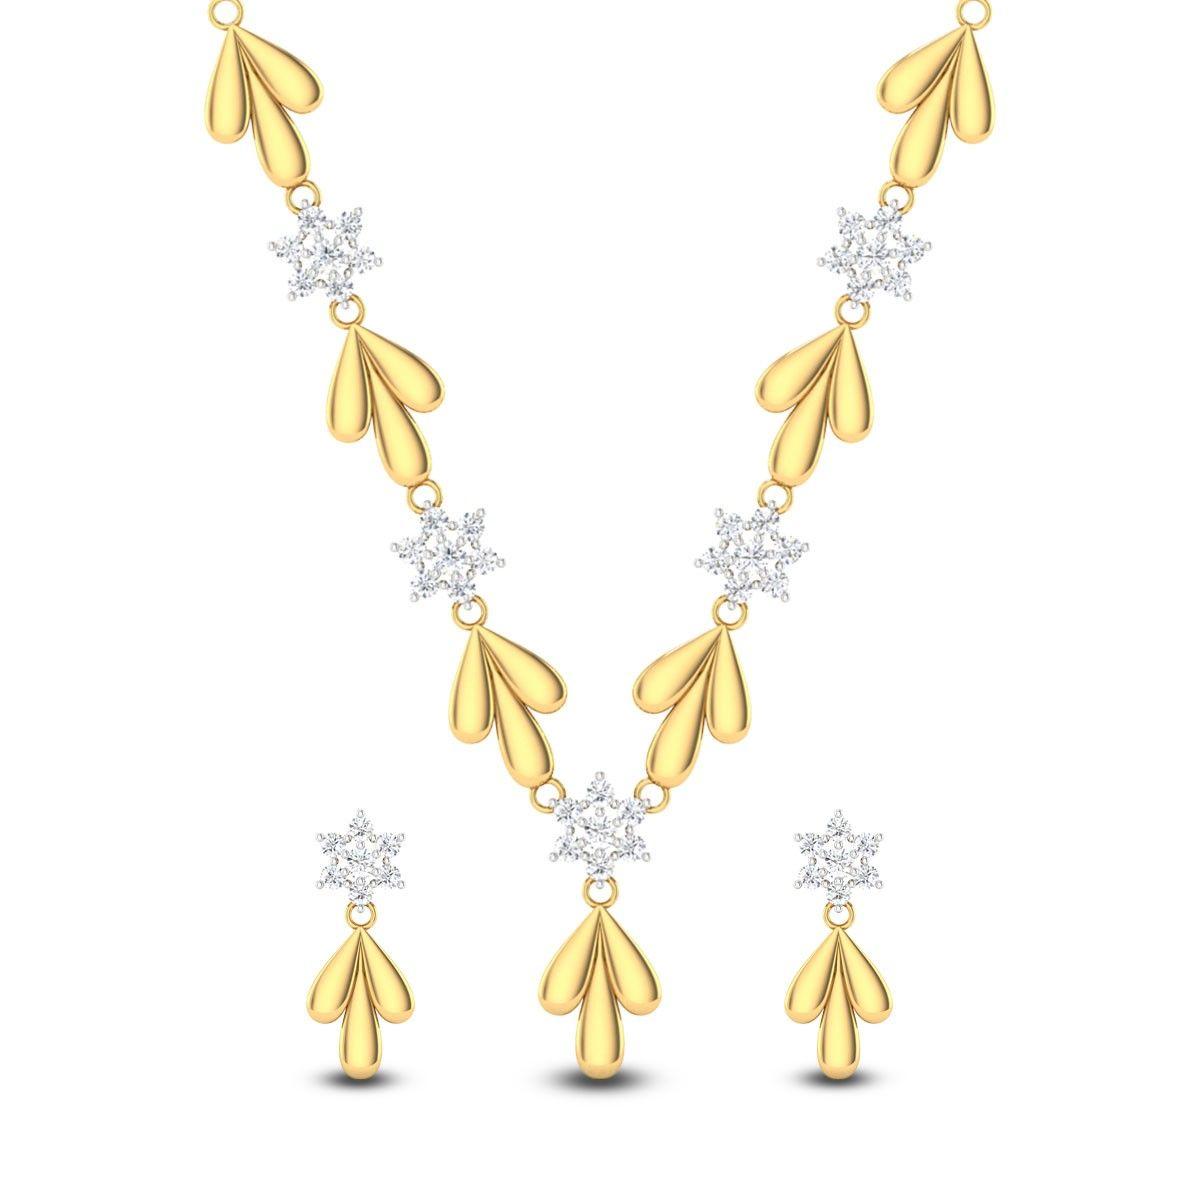 Floral Budding Star Diamond Studded Necklace